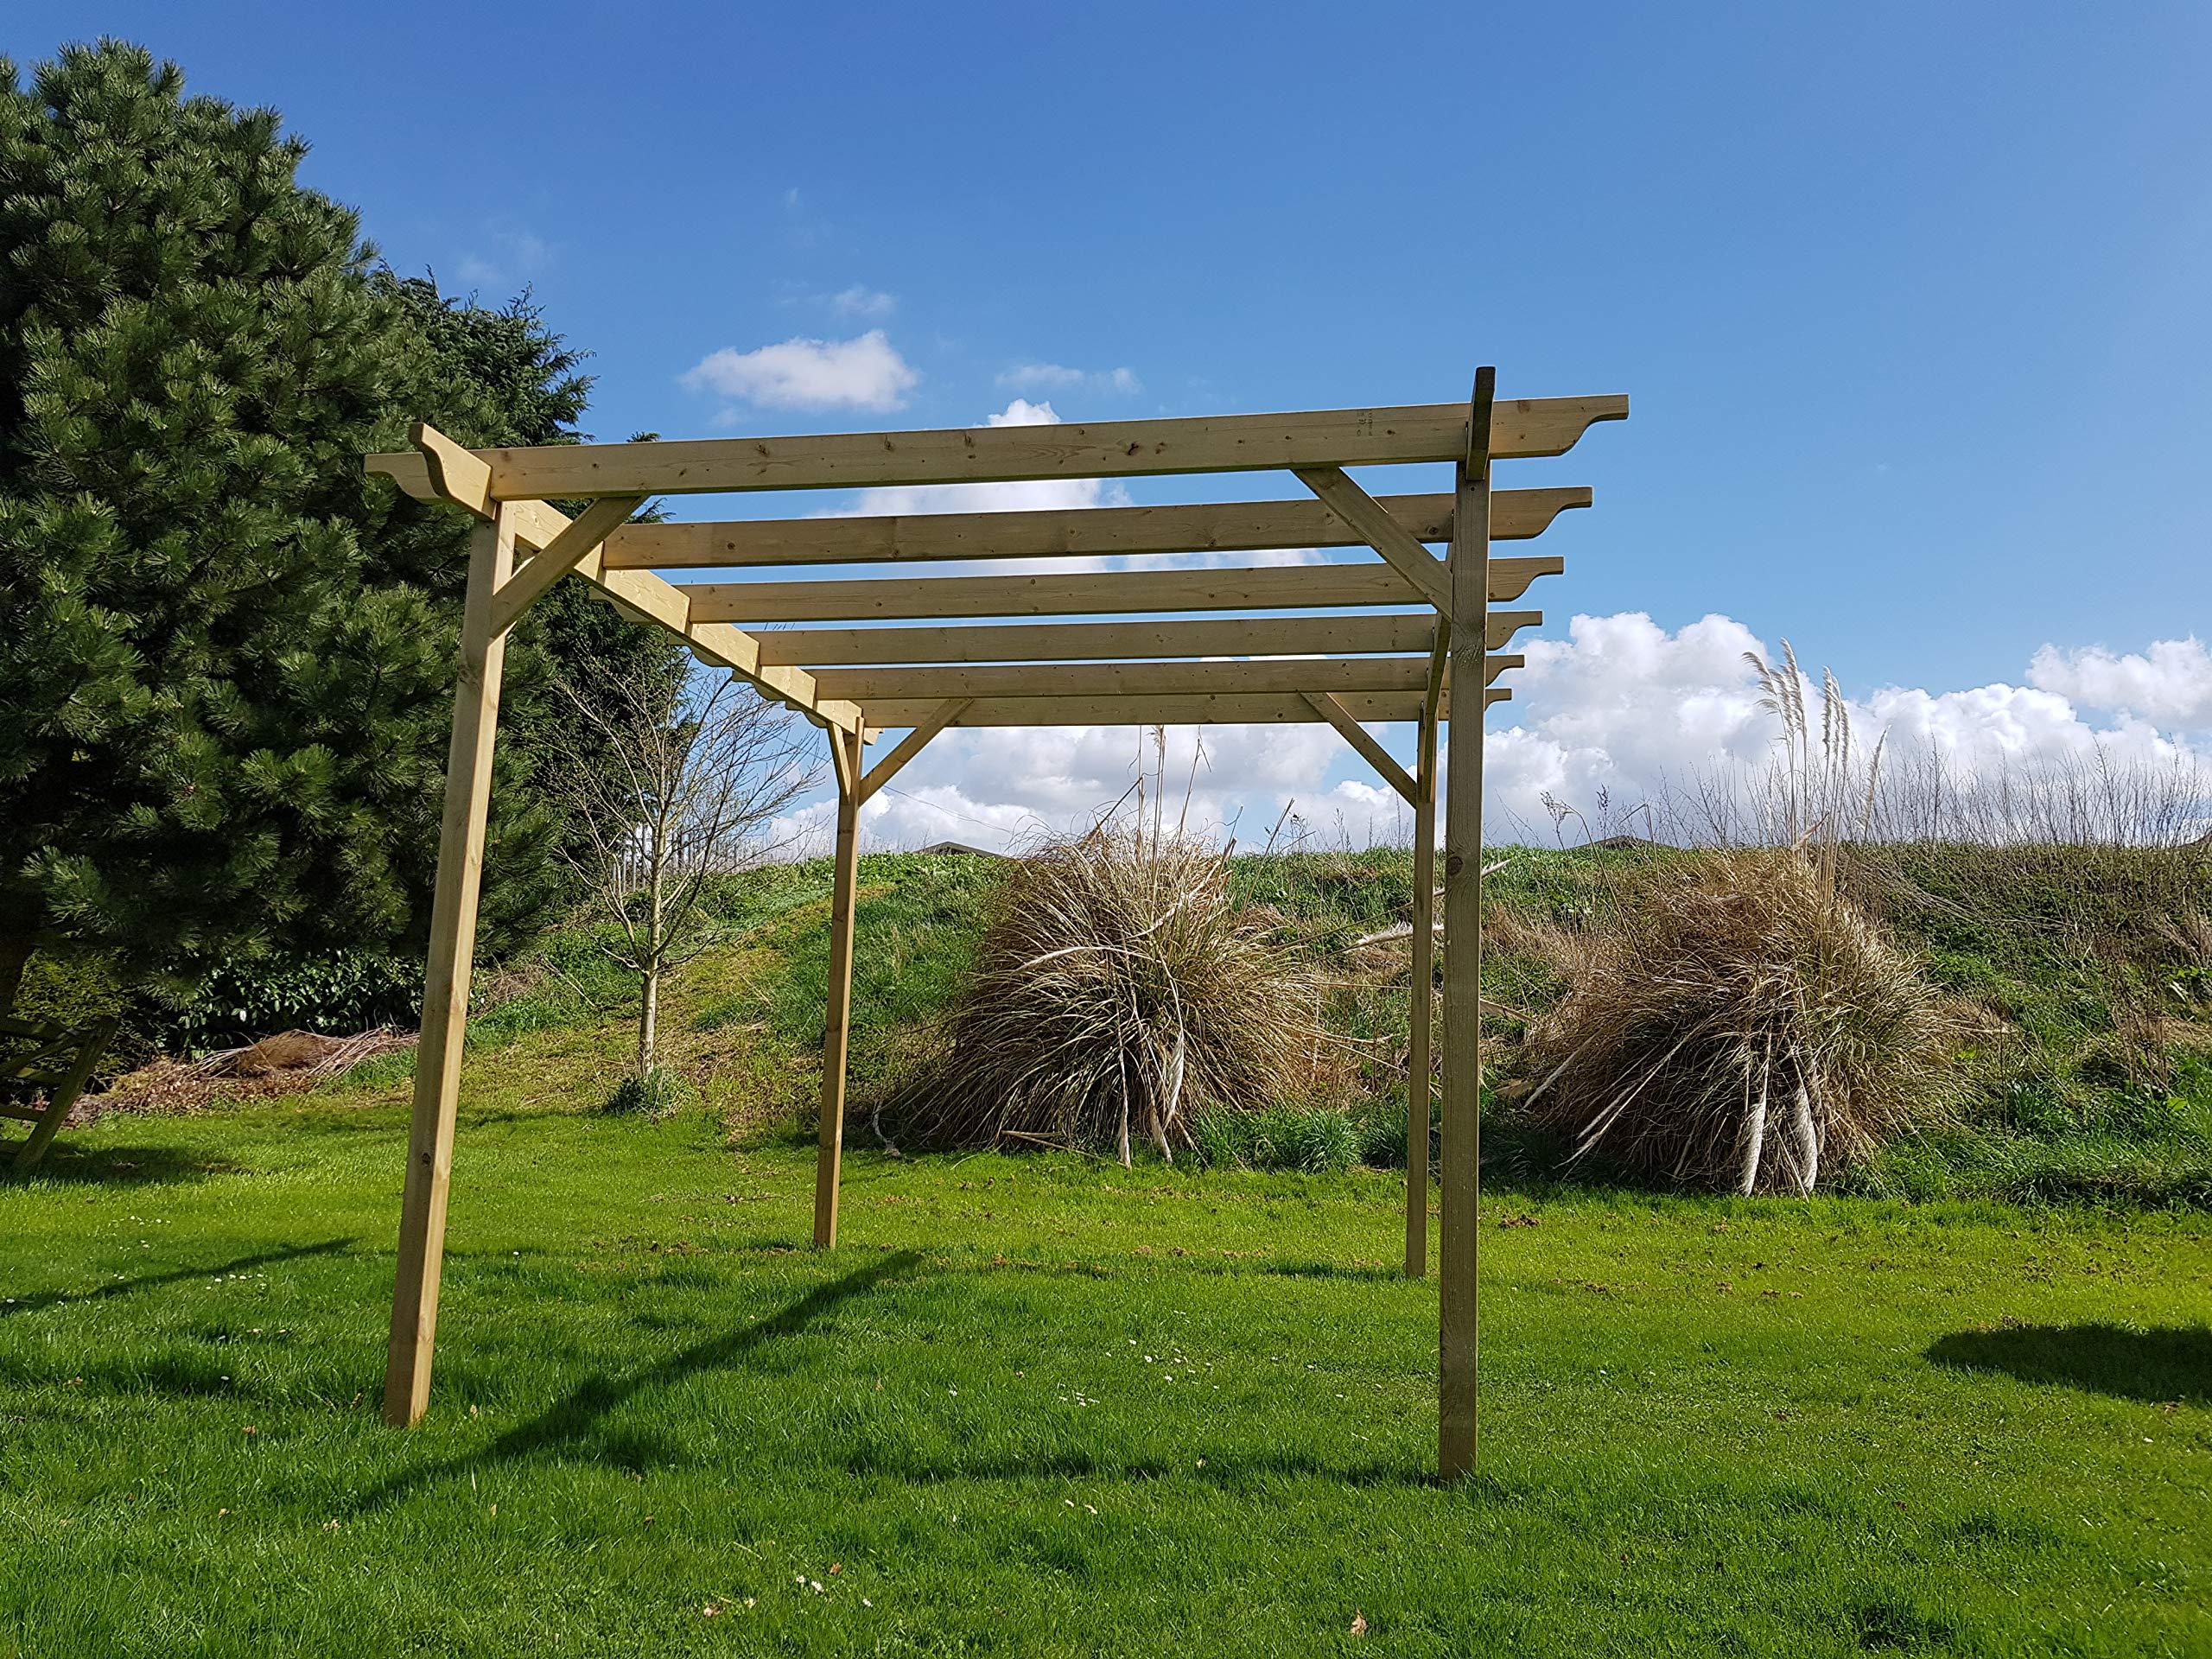 Arbor Garden Solutions Kit de pérgola de Madera para jardín, Gama Exclusiva de pérgola – 9 diseños – 42 Kits de tamaños: Amazon.es: Jardín